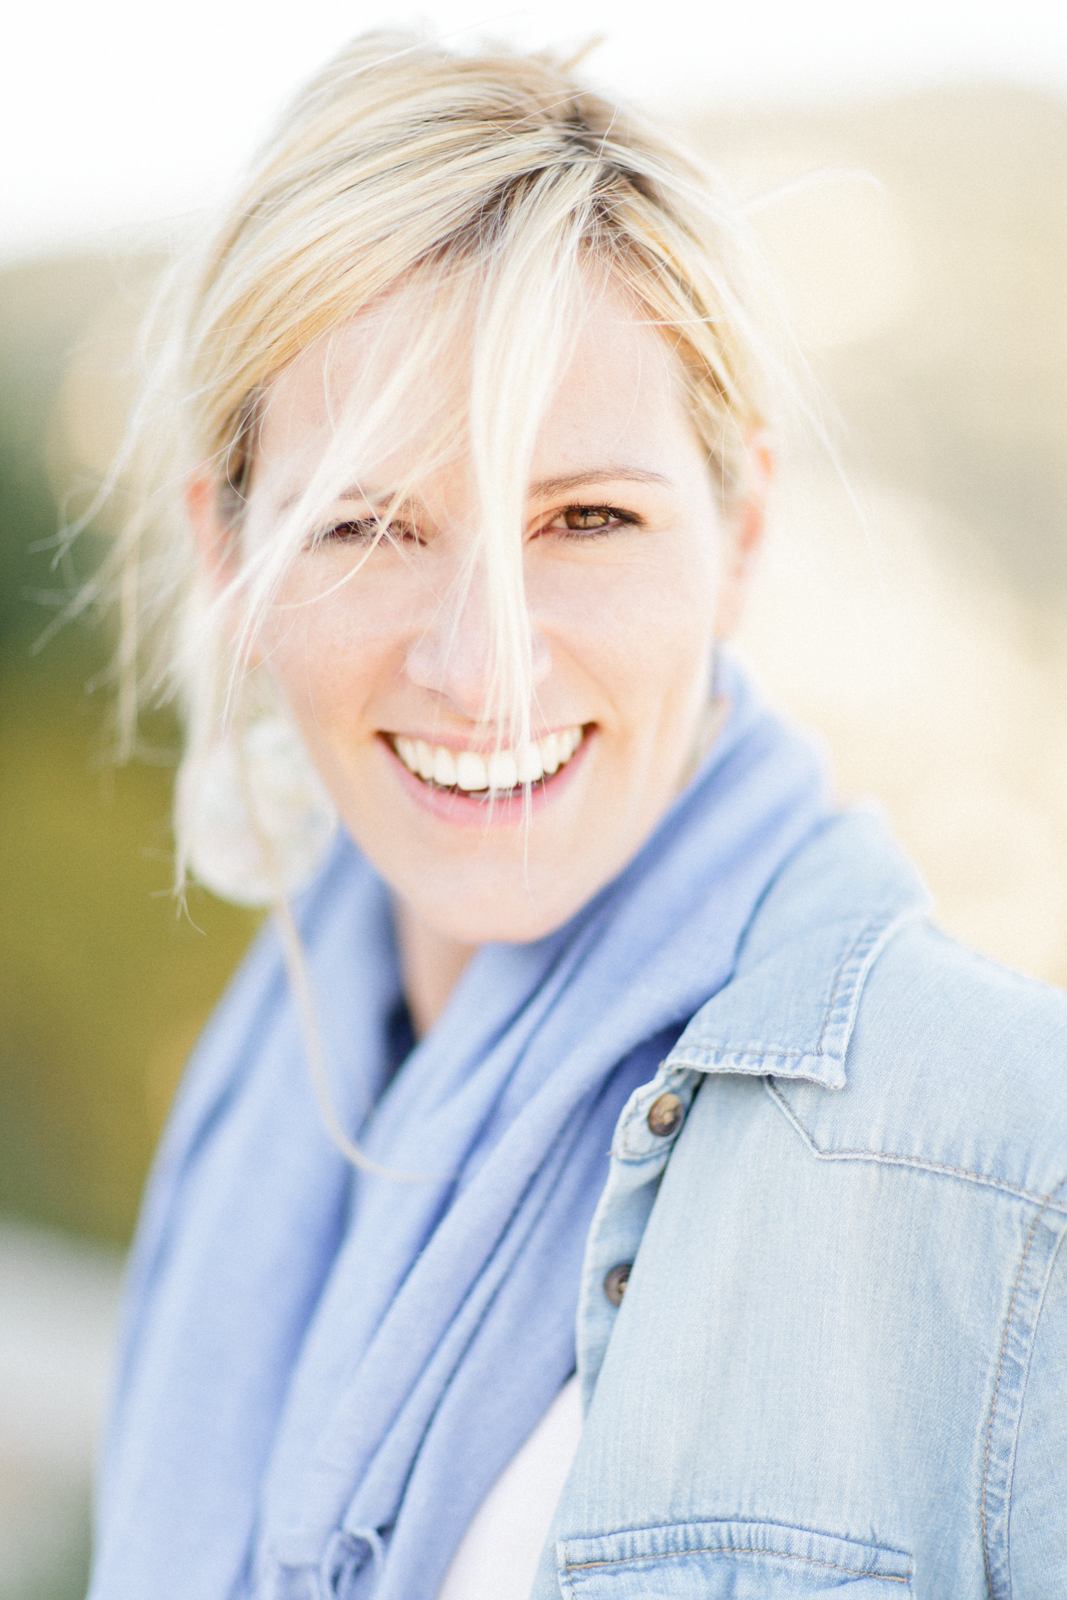 apprendre la photographie de portrait avec une belle lumière naturelle (lumière du jour)